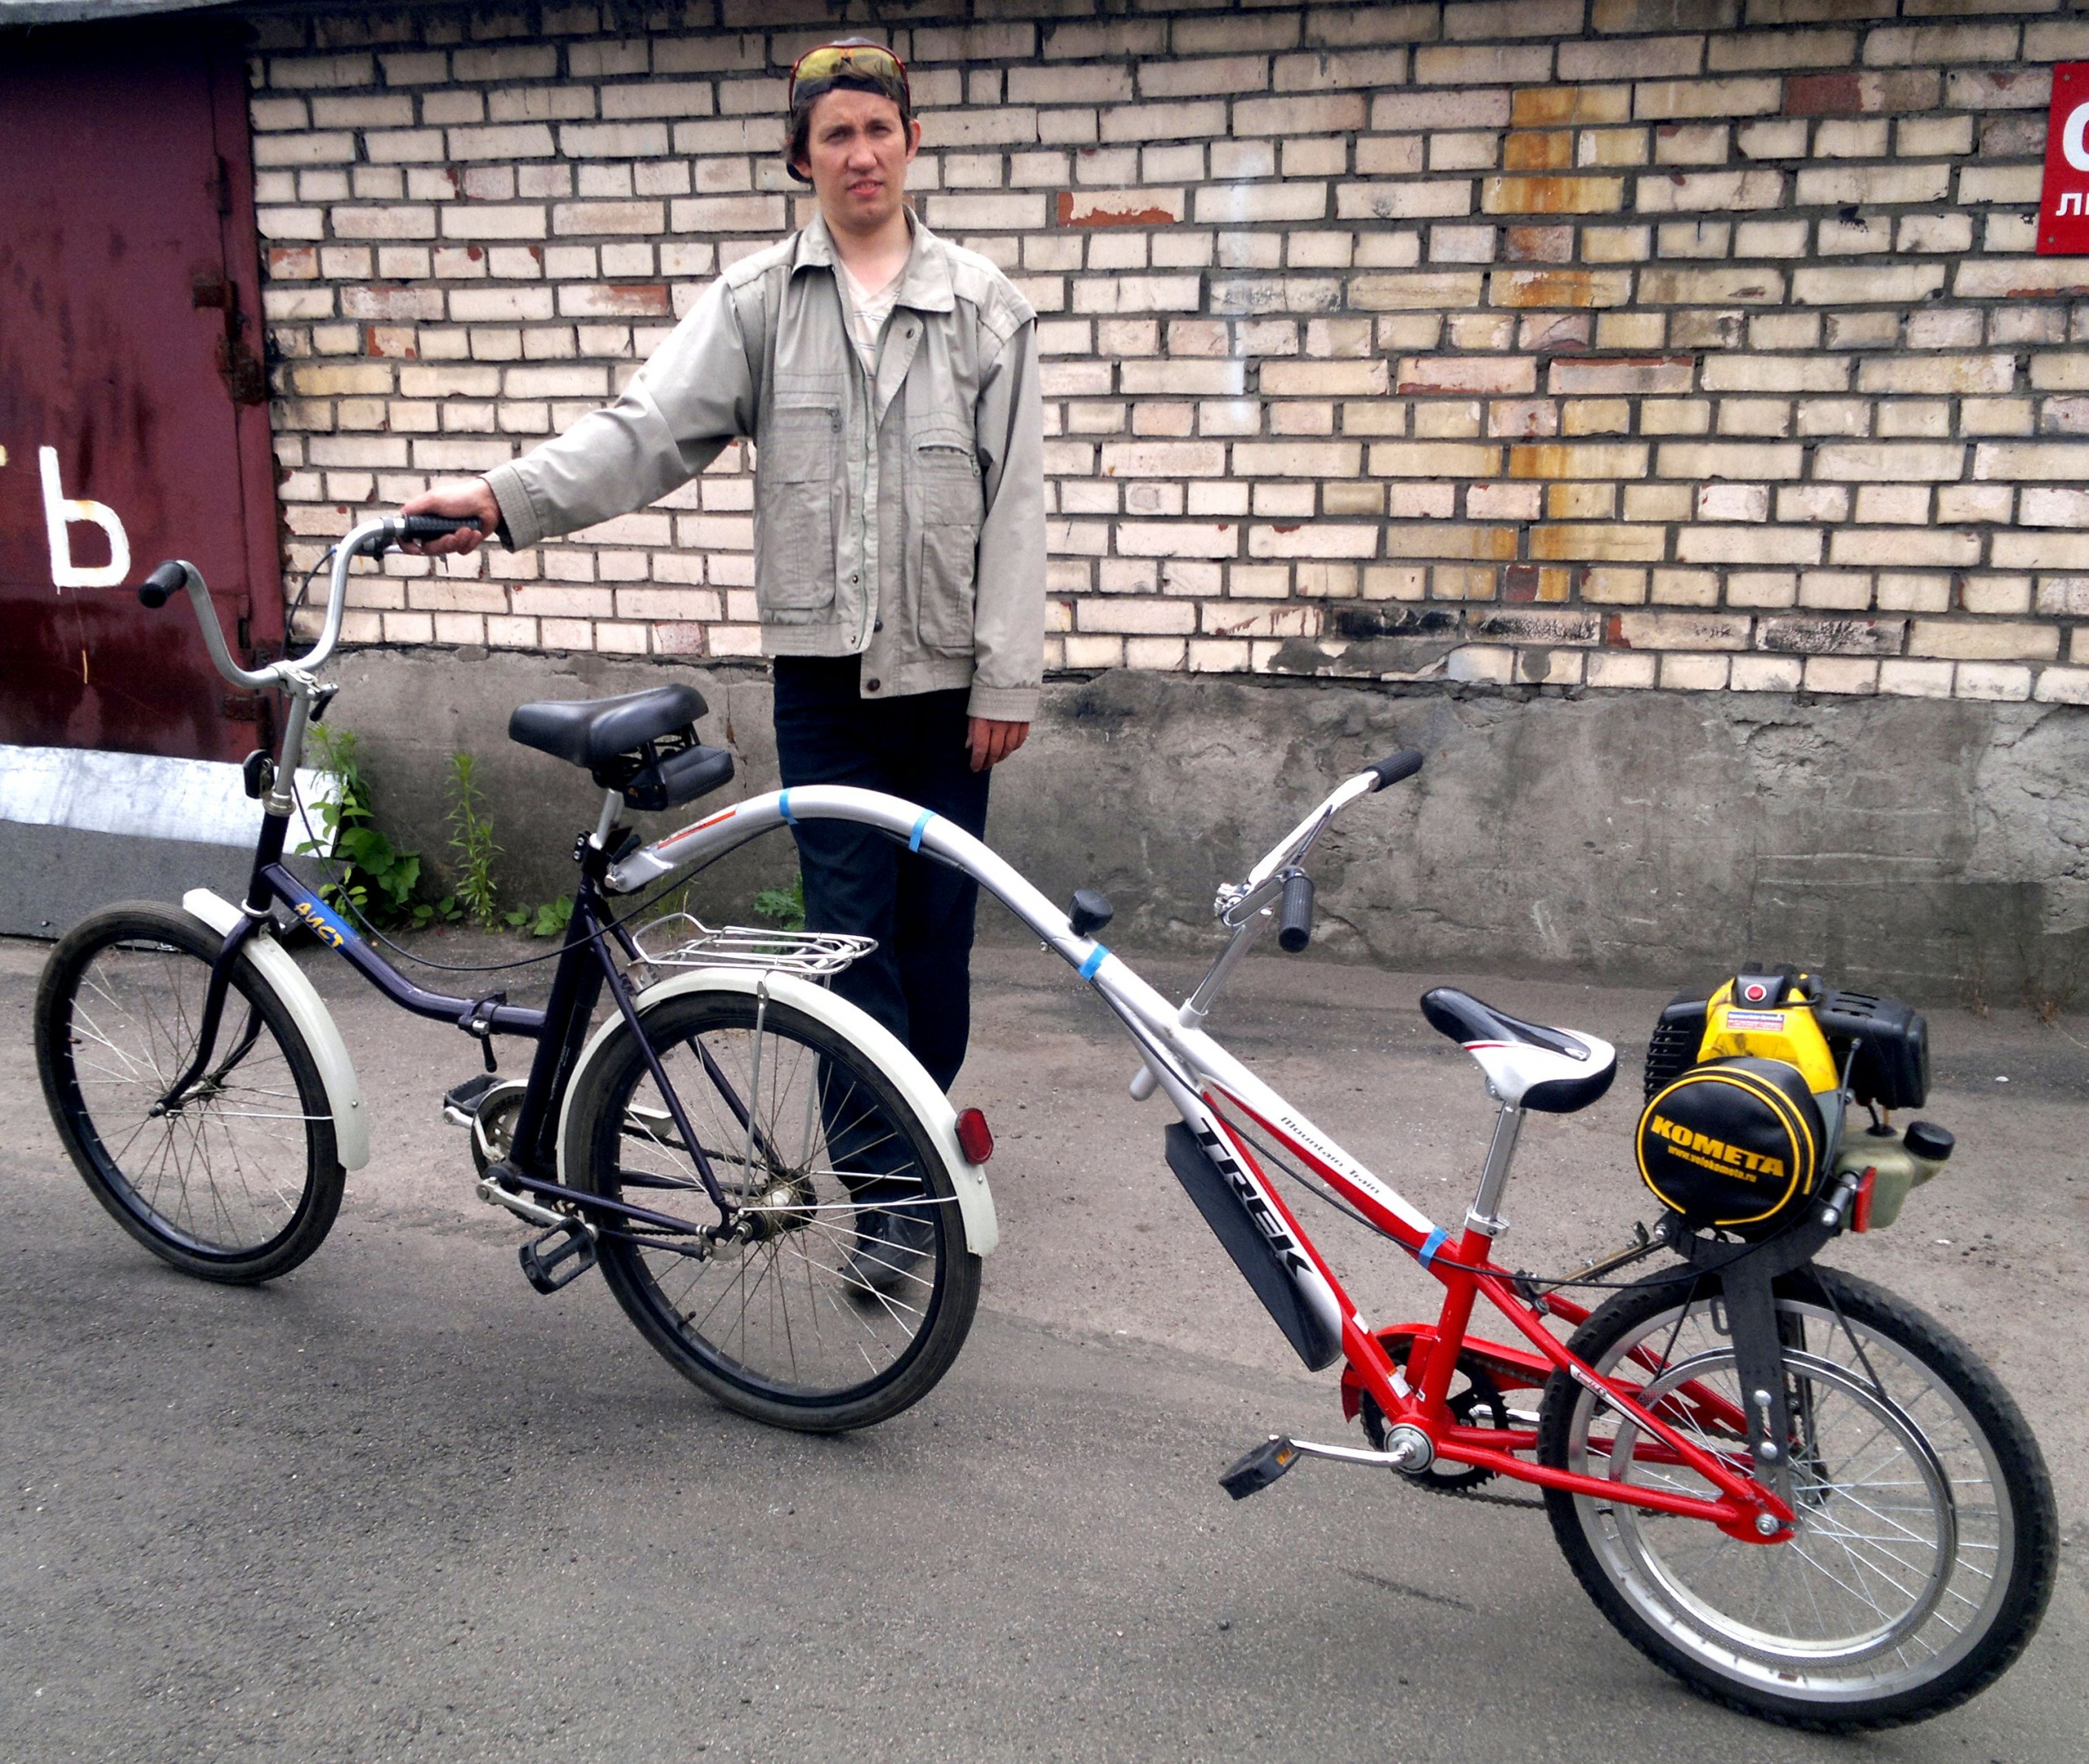 Самодельный мопед из велосипеда: необходимые материалы, порядок действий